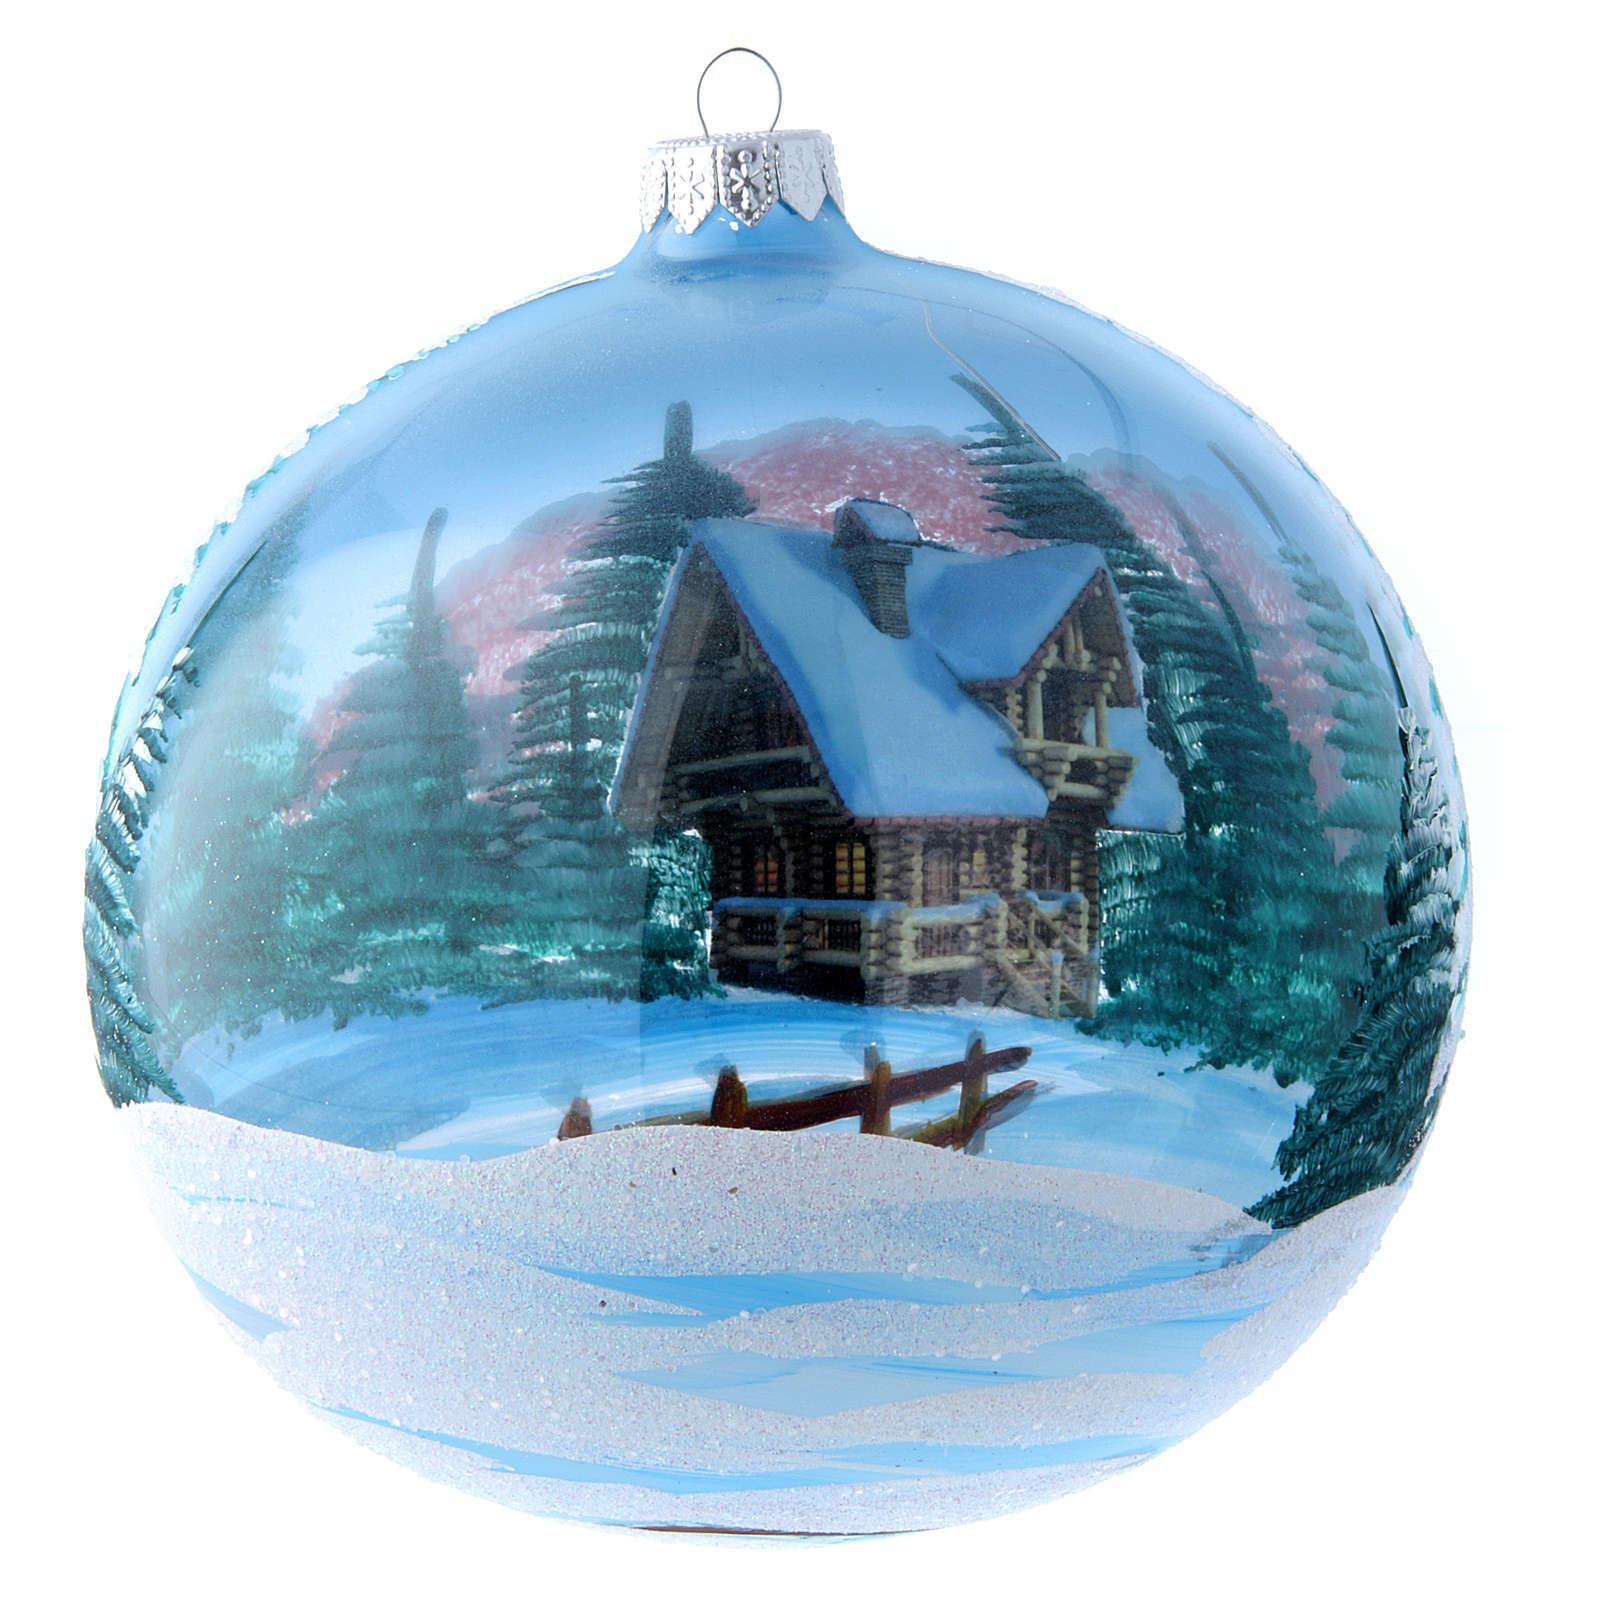 Weihnachtsbaumkugel aus transparentem Glas Motiv schneebedeckte Winterlandschaft 150 mm 4